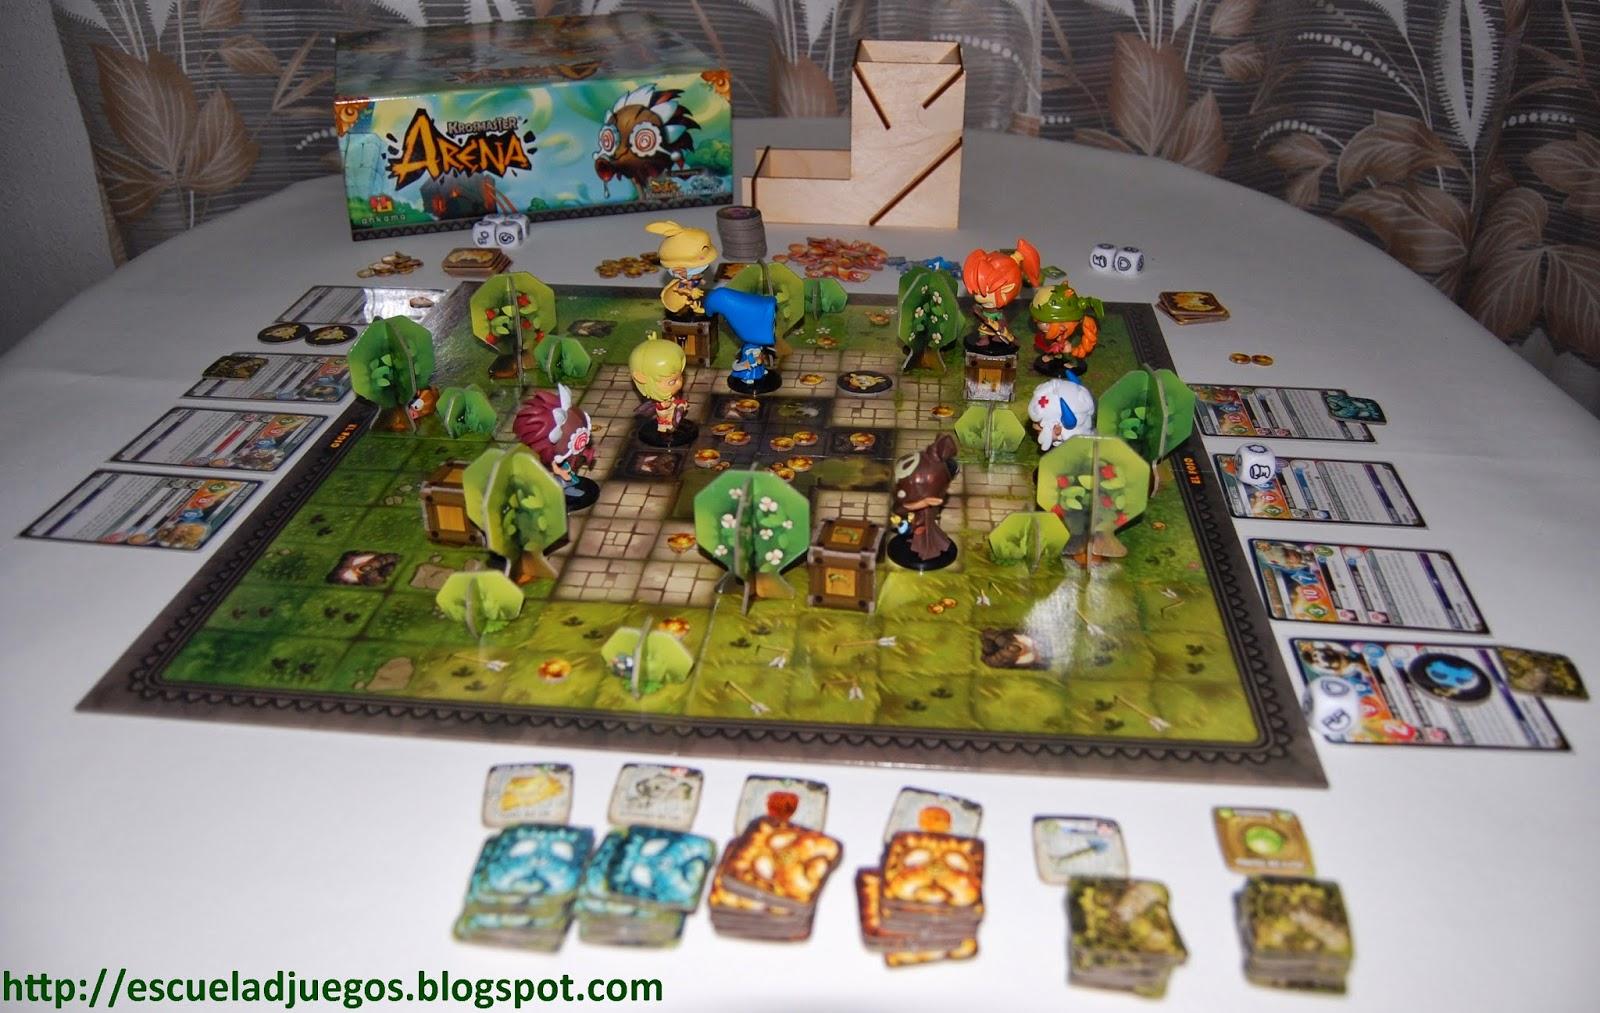 Review sobre Krosmaster Arena de Ankama, juego de mesa basado en el mundo de wakfu y dofu